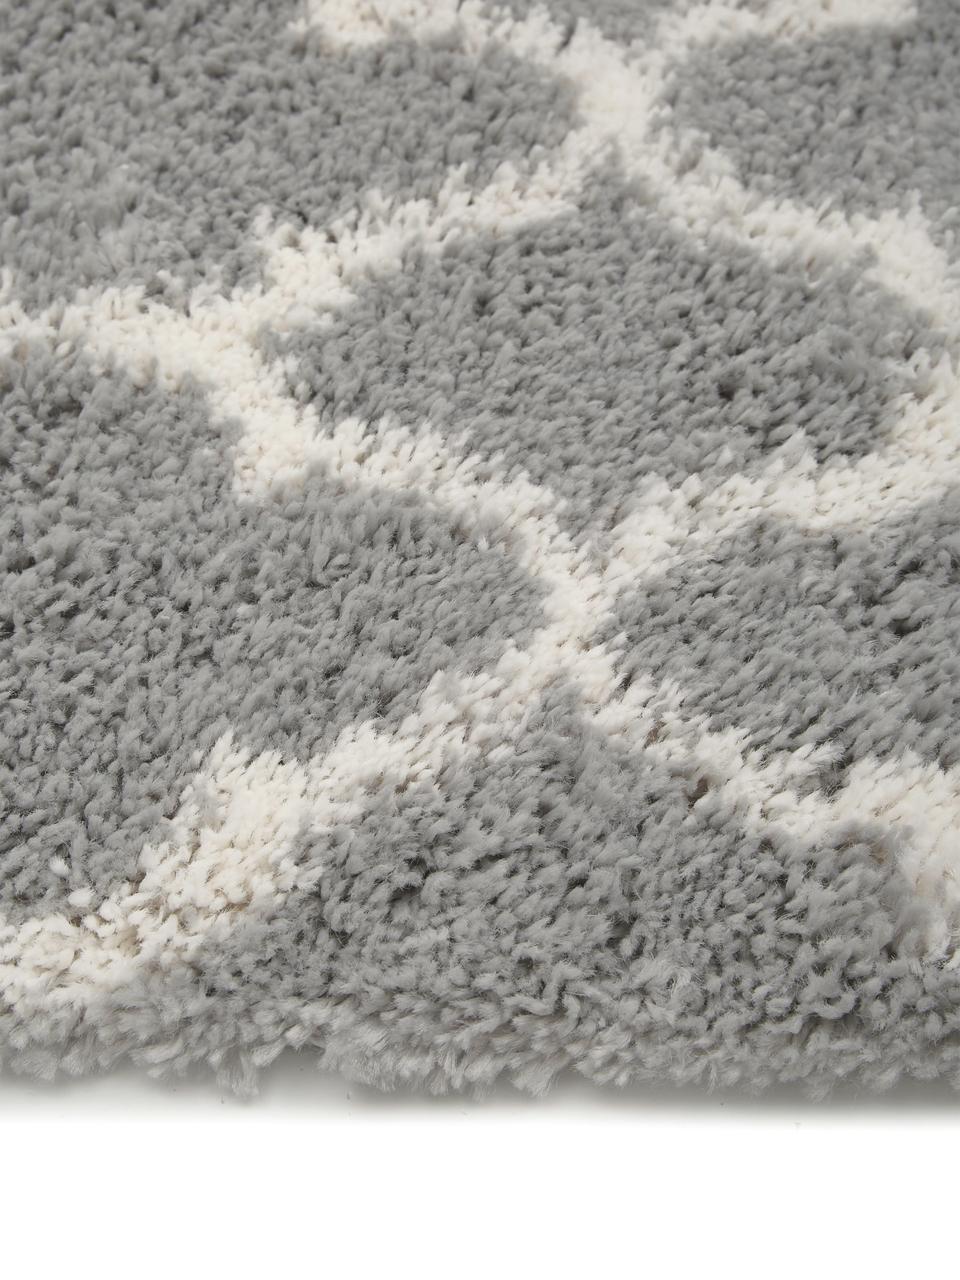 Flauschiger Hochflor-Läufer Mona in Grau/Cremeweiß, Flor: 100% Polypropylen, Grau, Cremeweiß, 80 x 250 cm